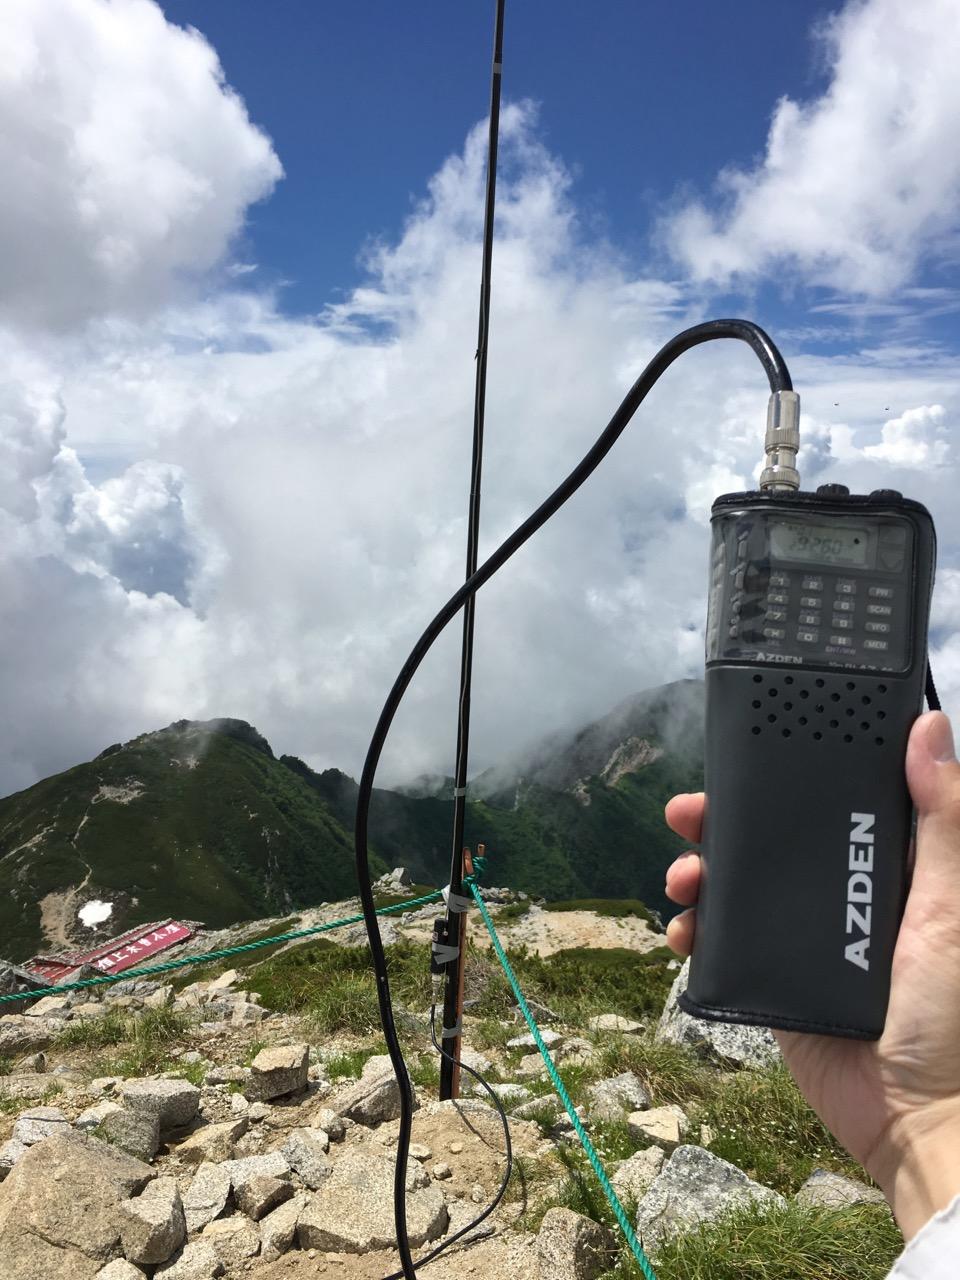 木曽駒ヶ岳山頂にて10mFM運用